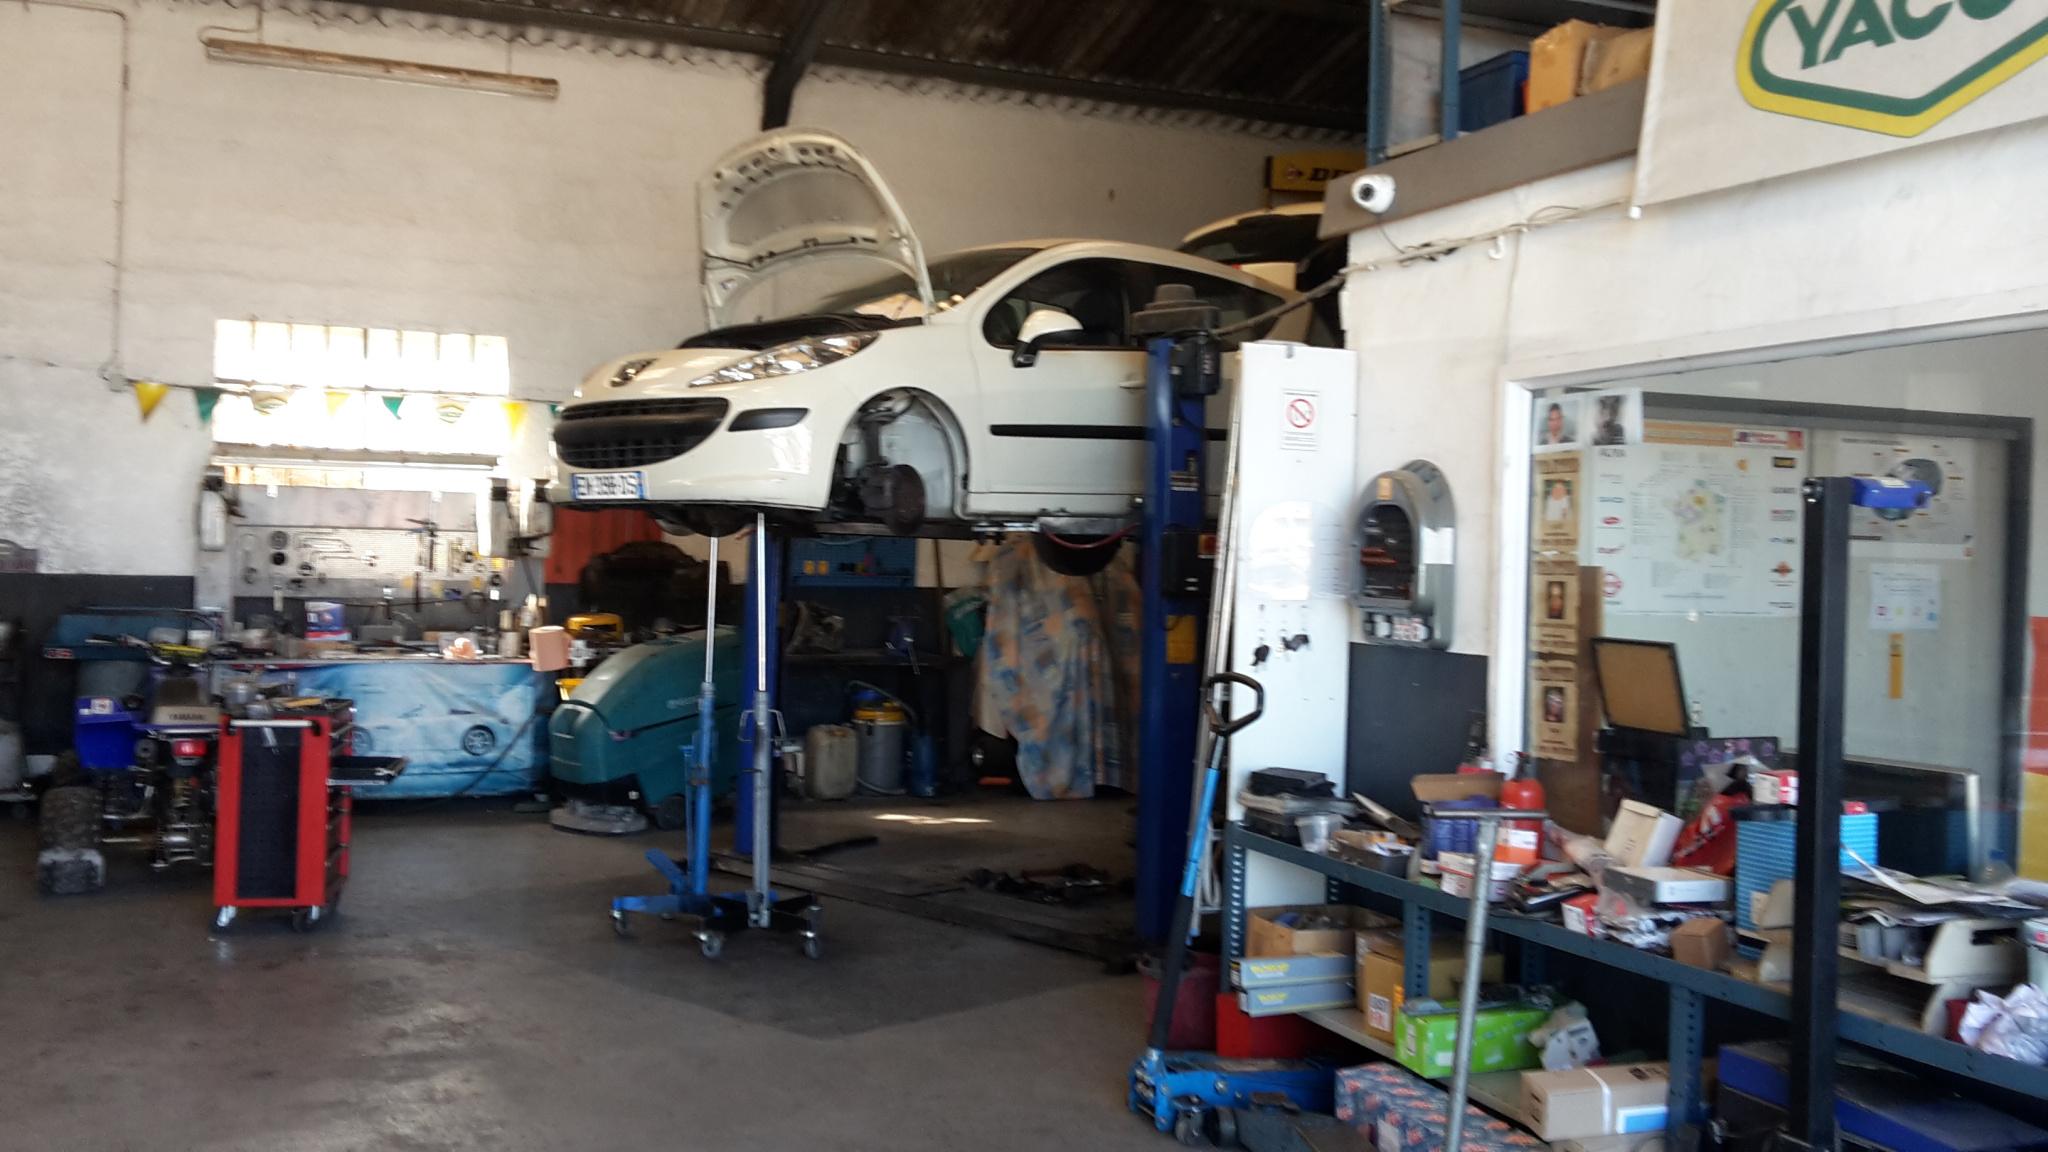 Vente immobilier professionnel garage mecanique a l est de for Garage mecanique lyon 8